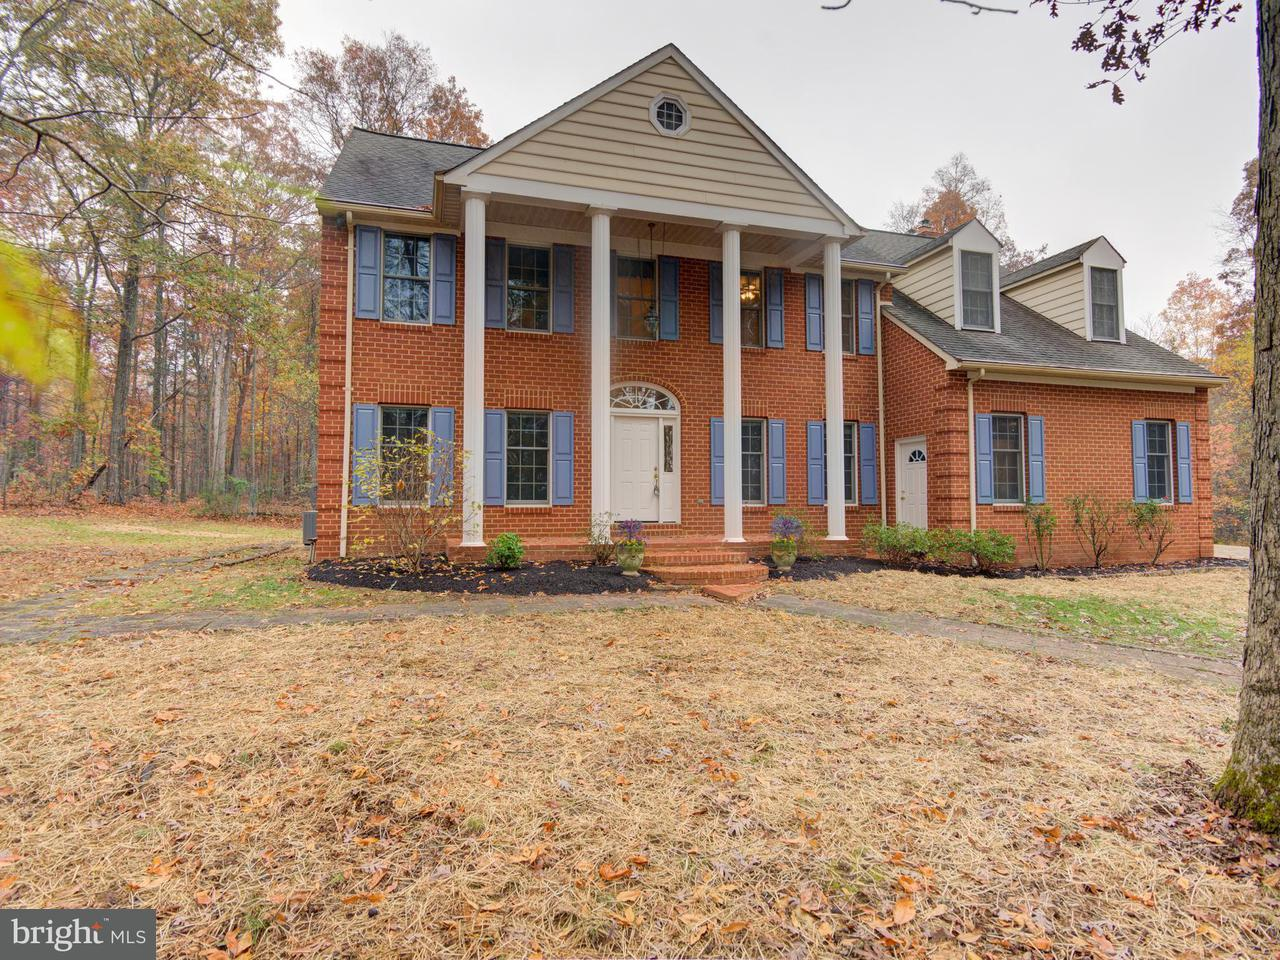 獨棟家庭住宅 為 出售 在 12884 THORNTON Drive 12884 THORNTON Drive Catharpin, 弗吉尼亞州 20143 美國